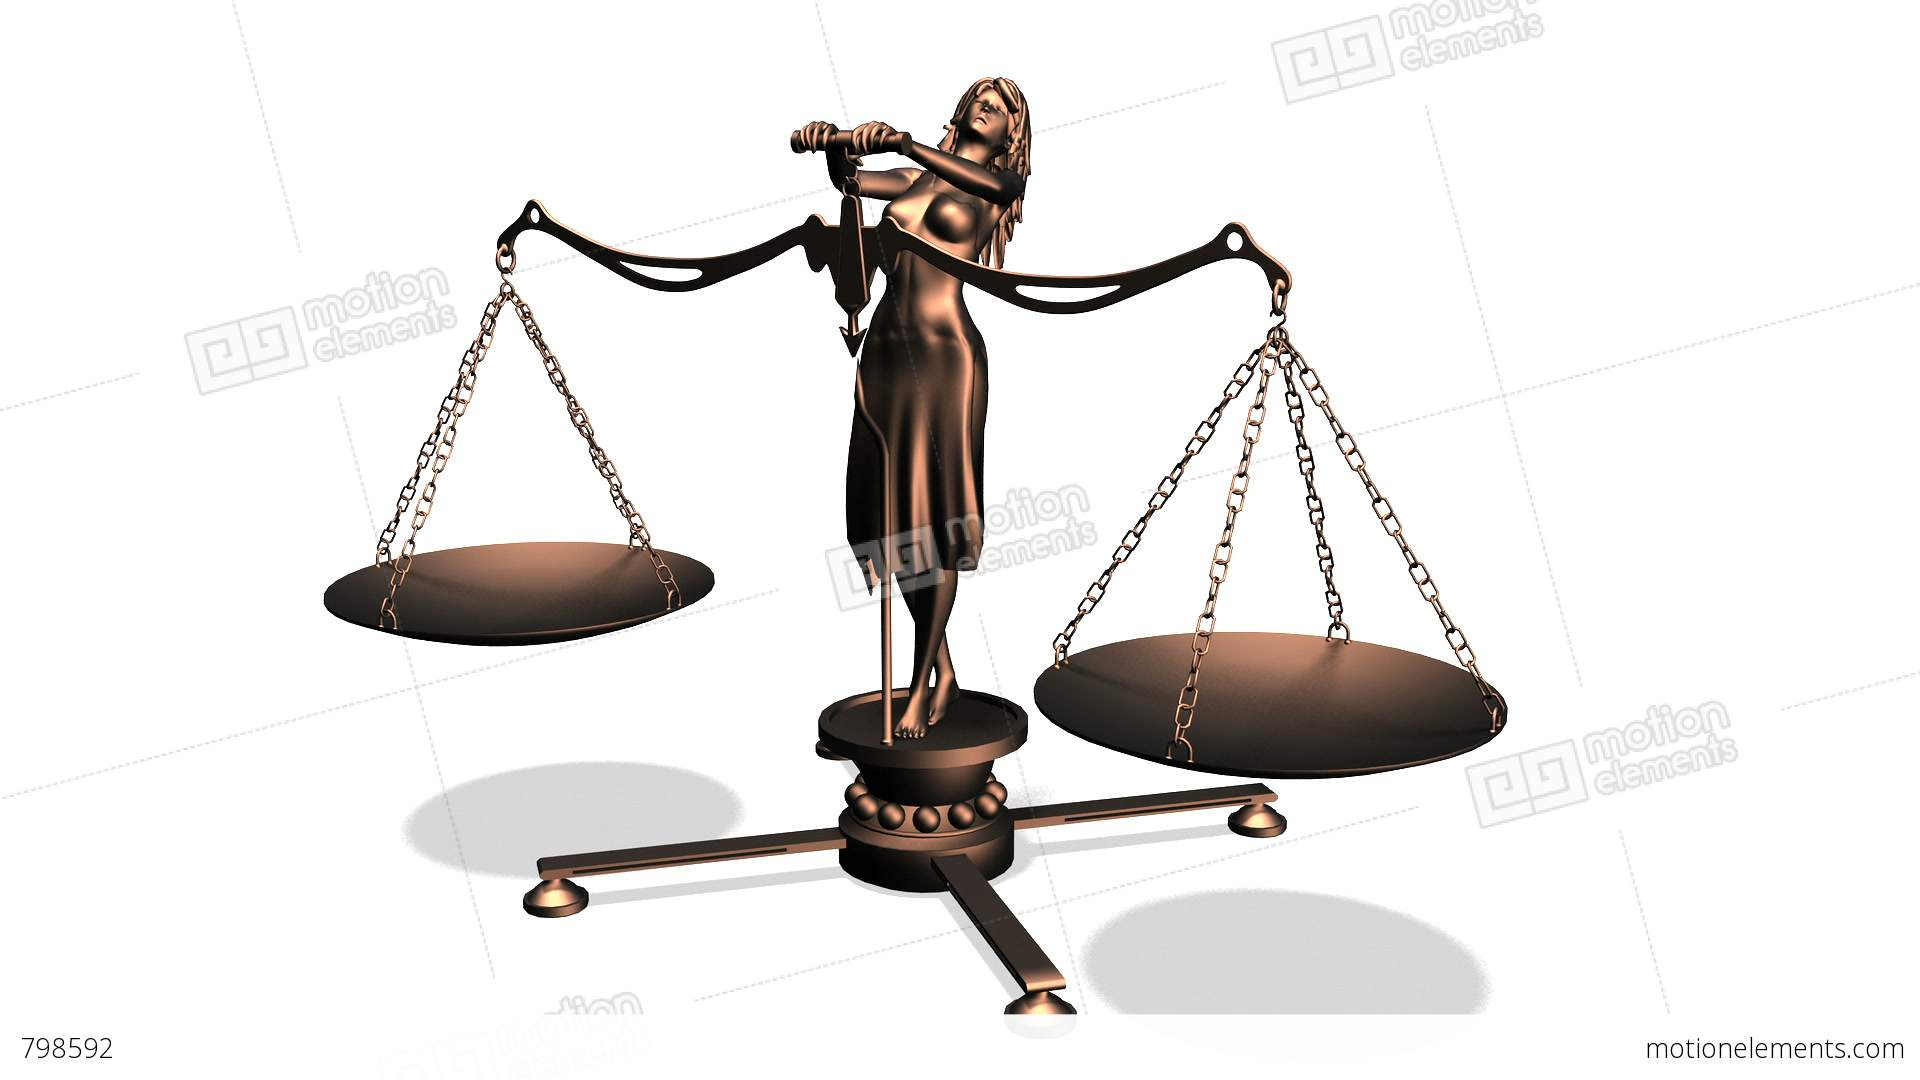 天秤 Lady Justice Stock Animation | 798592